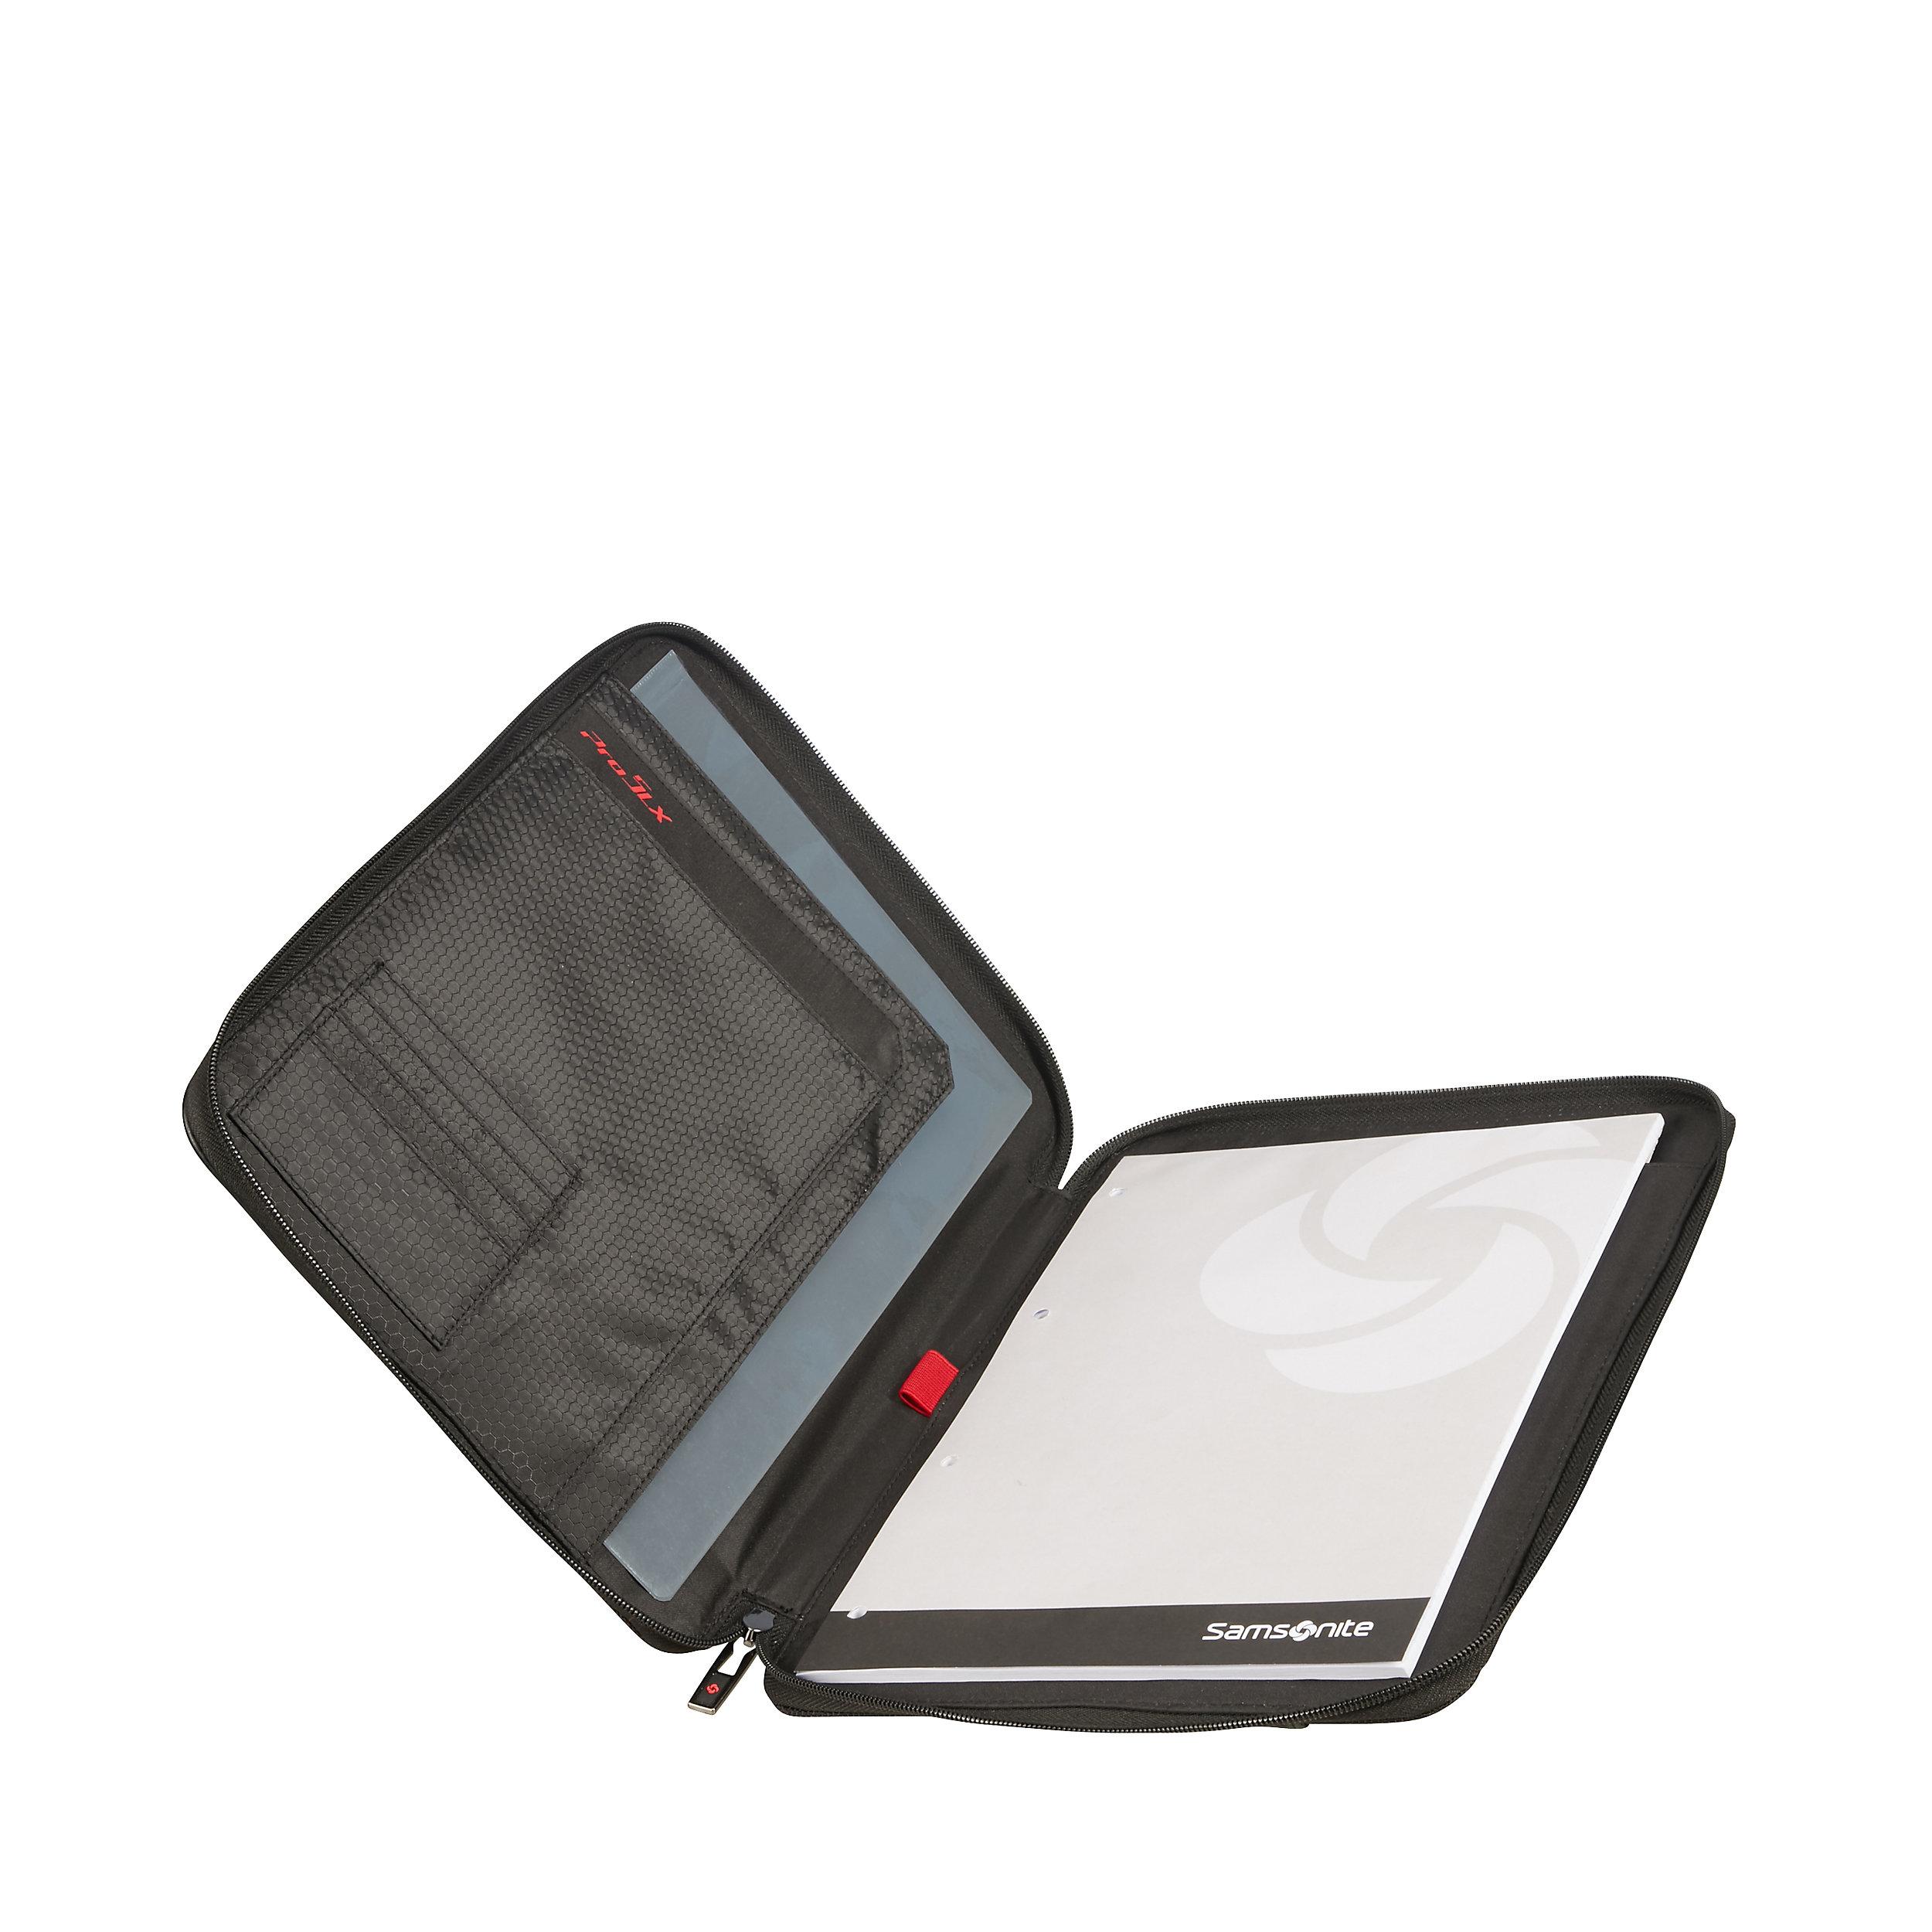 RV-Schreibmappe DIN A4 Stationary Pro-DLX 5 3.7 Liter